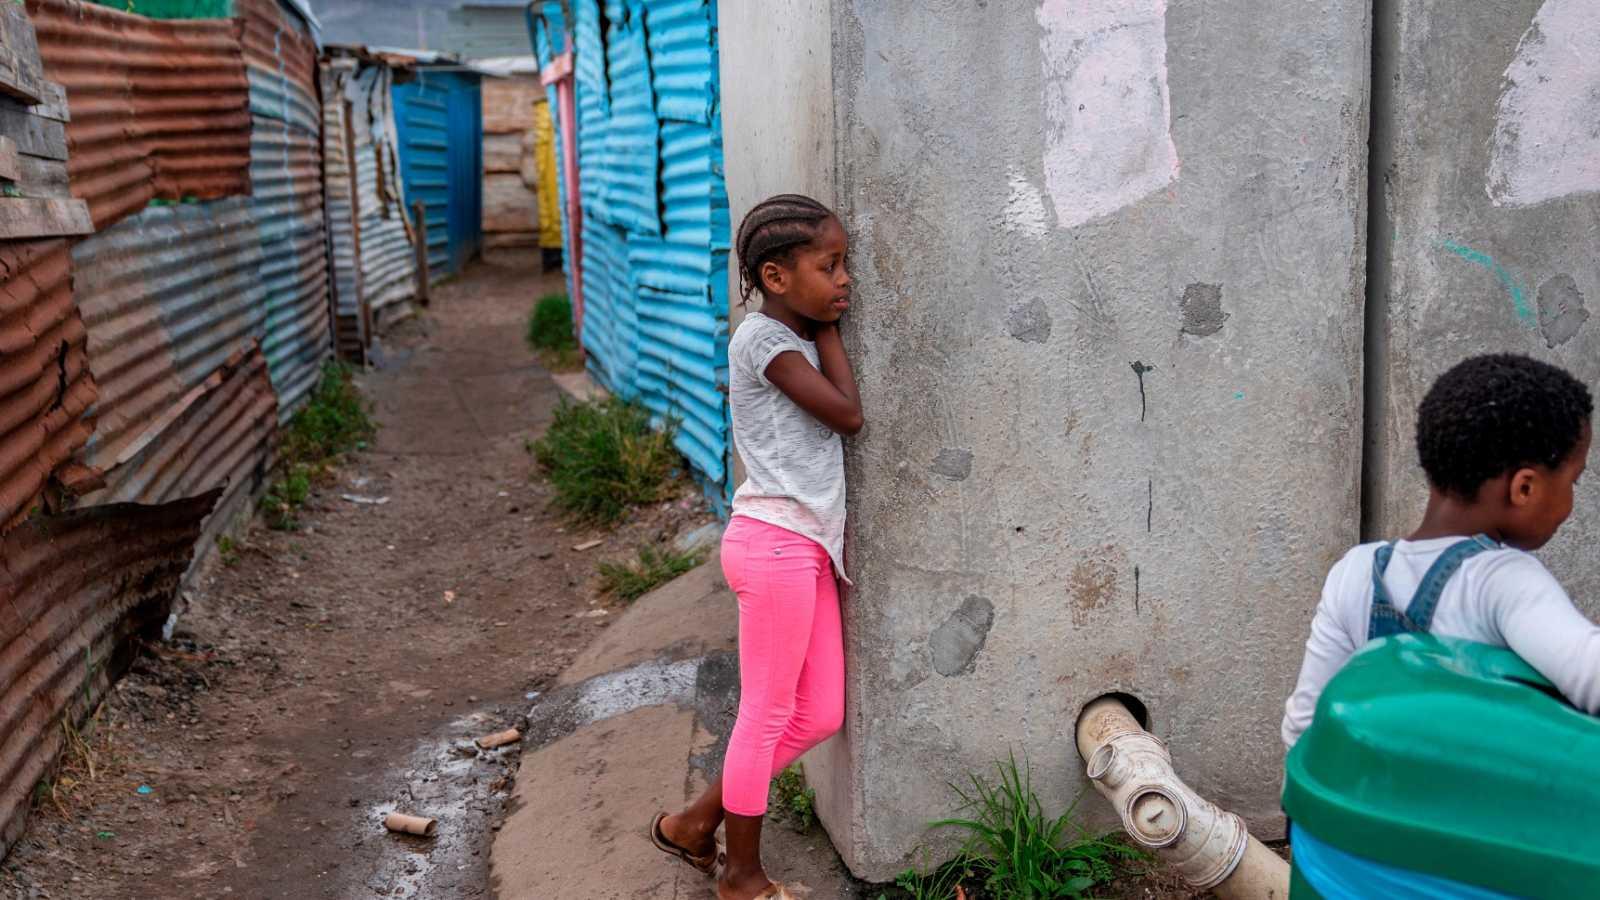 Las ONGs reducen su actividad en África por las restricciones por coronavirus